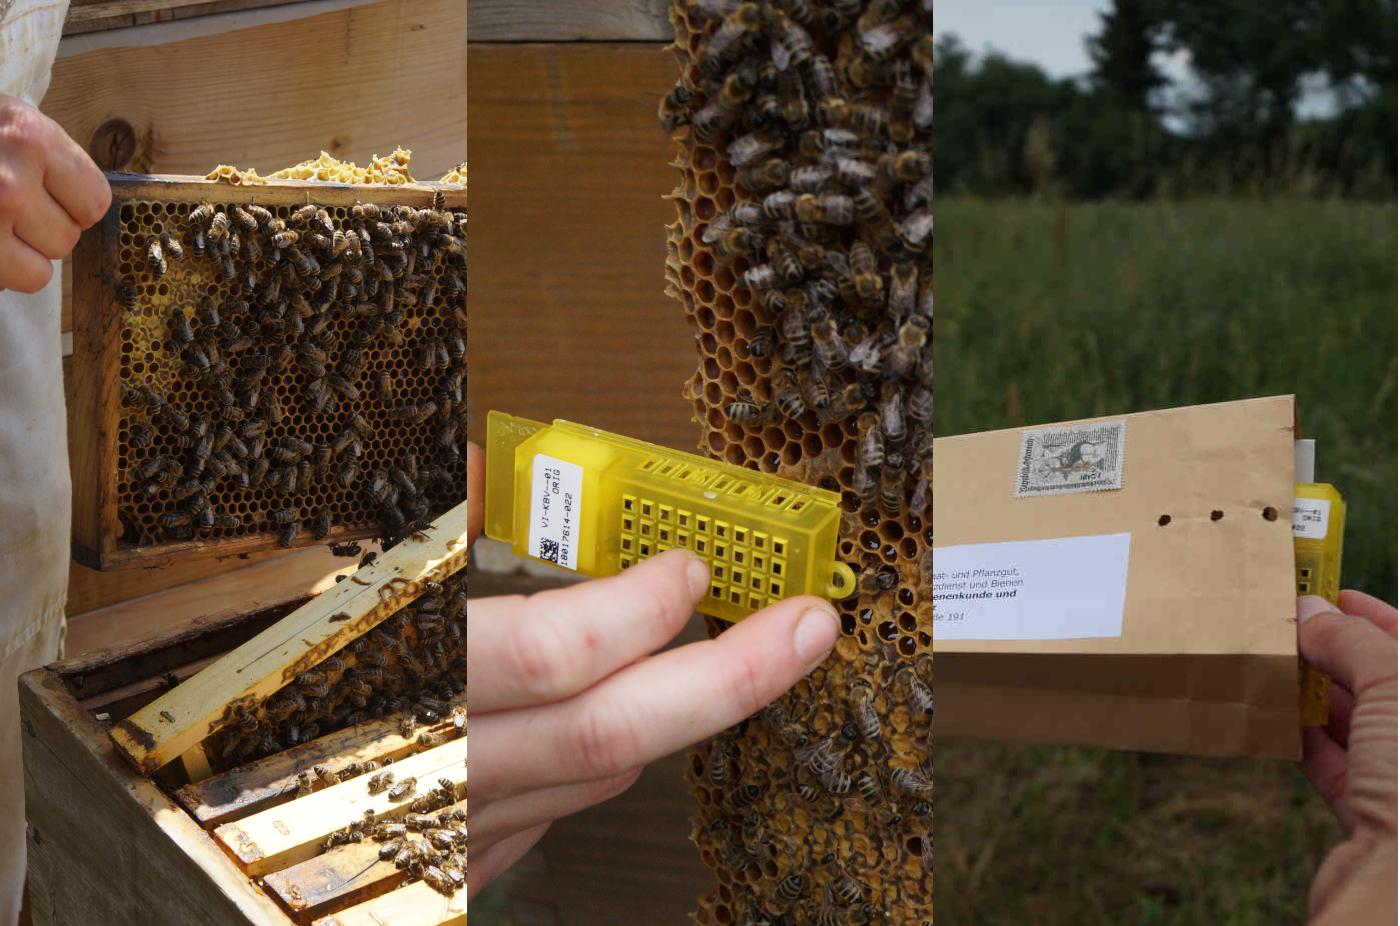 ImkerIn nimmt Wabe aus dem Volk, fängt Bienen in den Königinnenkäfig ein und gibt den Käfig in ein Versandkuvert